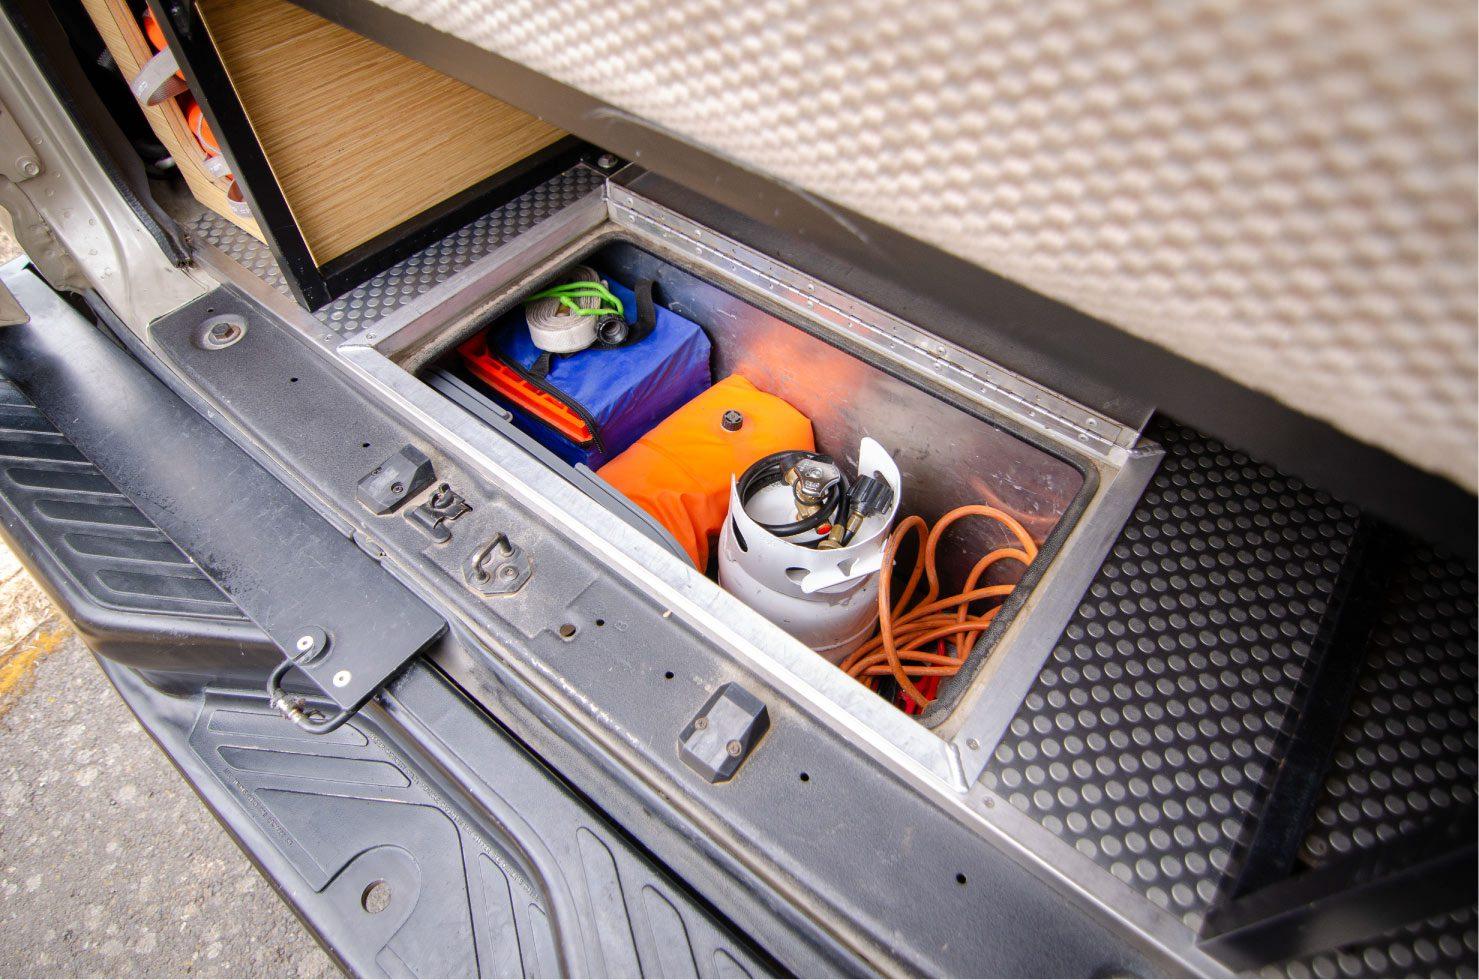 In floor storage of a Van Specialties 2009 4x4 Ford Econoline